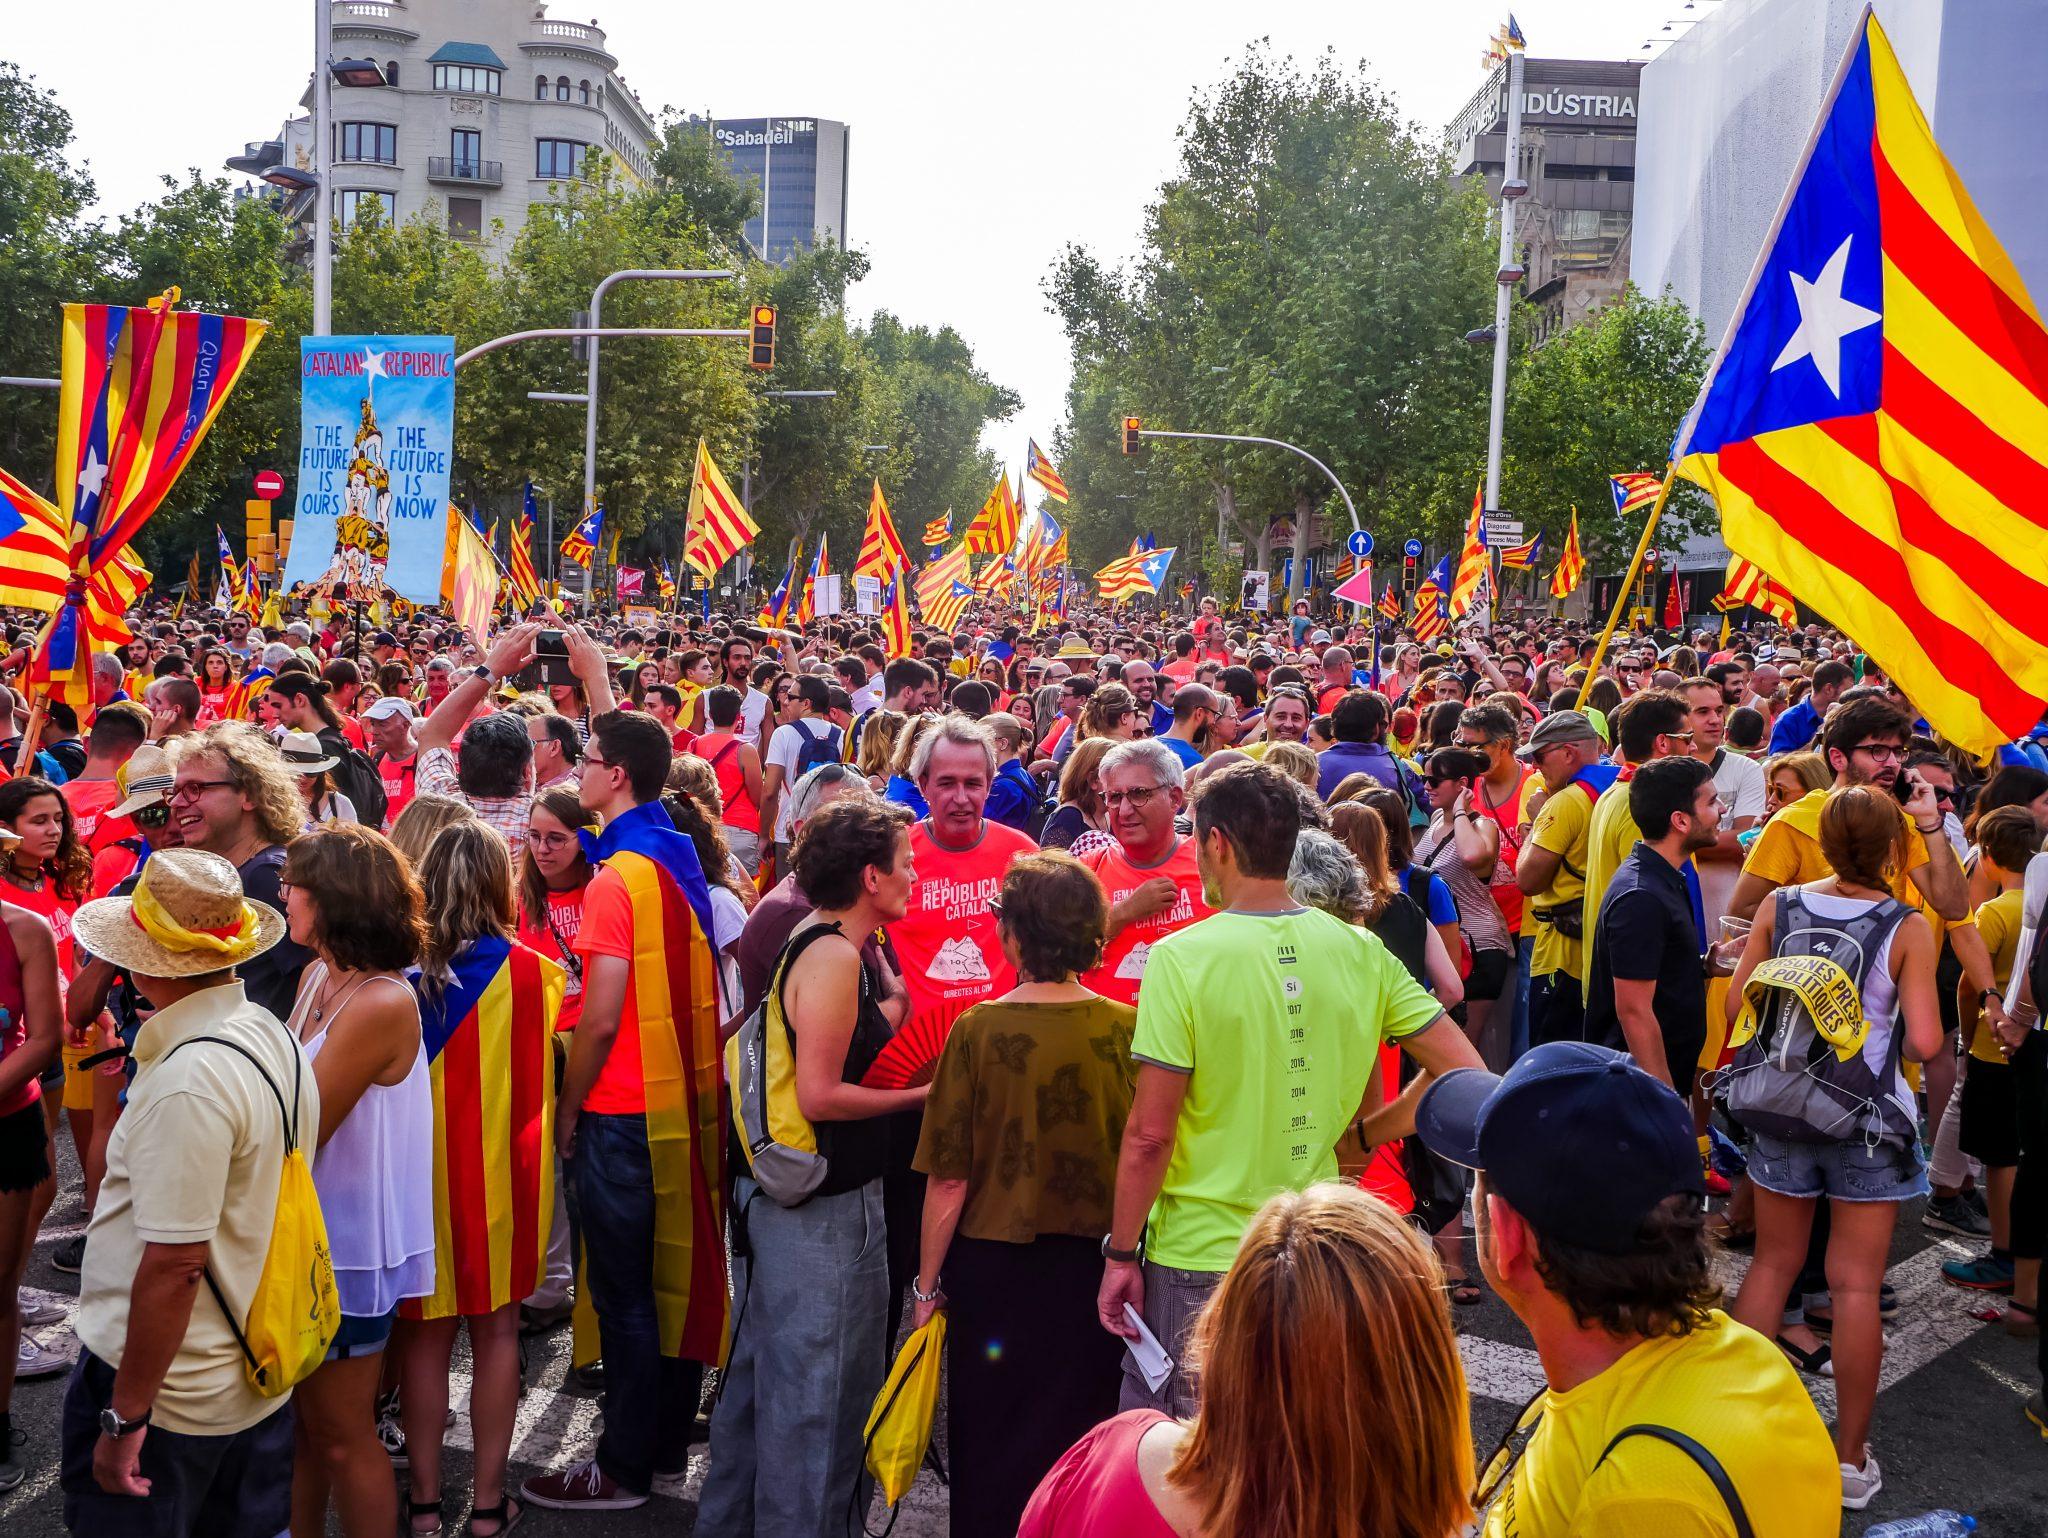 Die katalanischen Unabhängigkeitsbefürworter fordern die Freilassung der inhaftierten Politiker. Deshalb gehen sie am Día de Cataluña auf die Straßen.